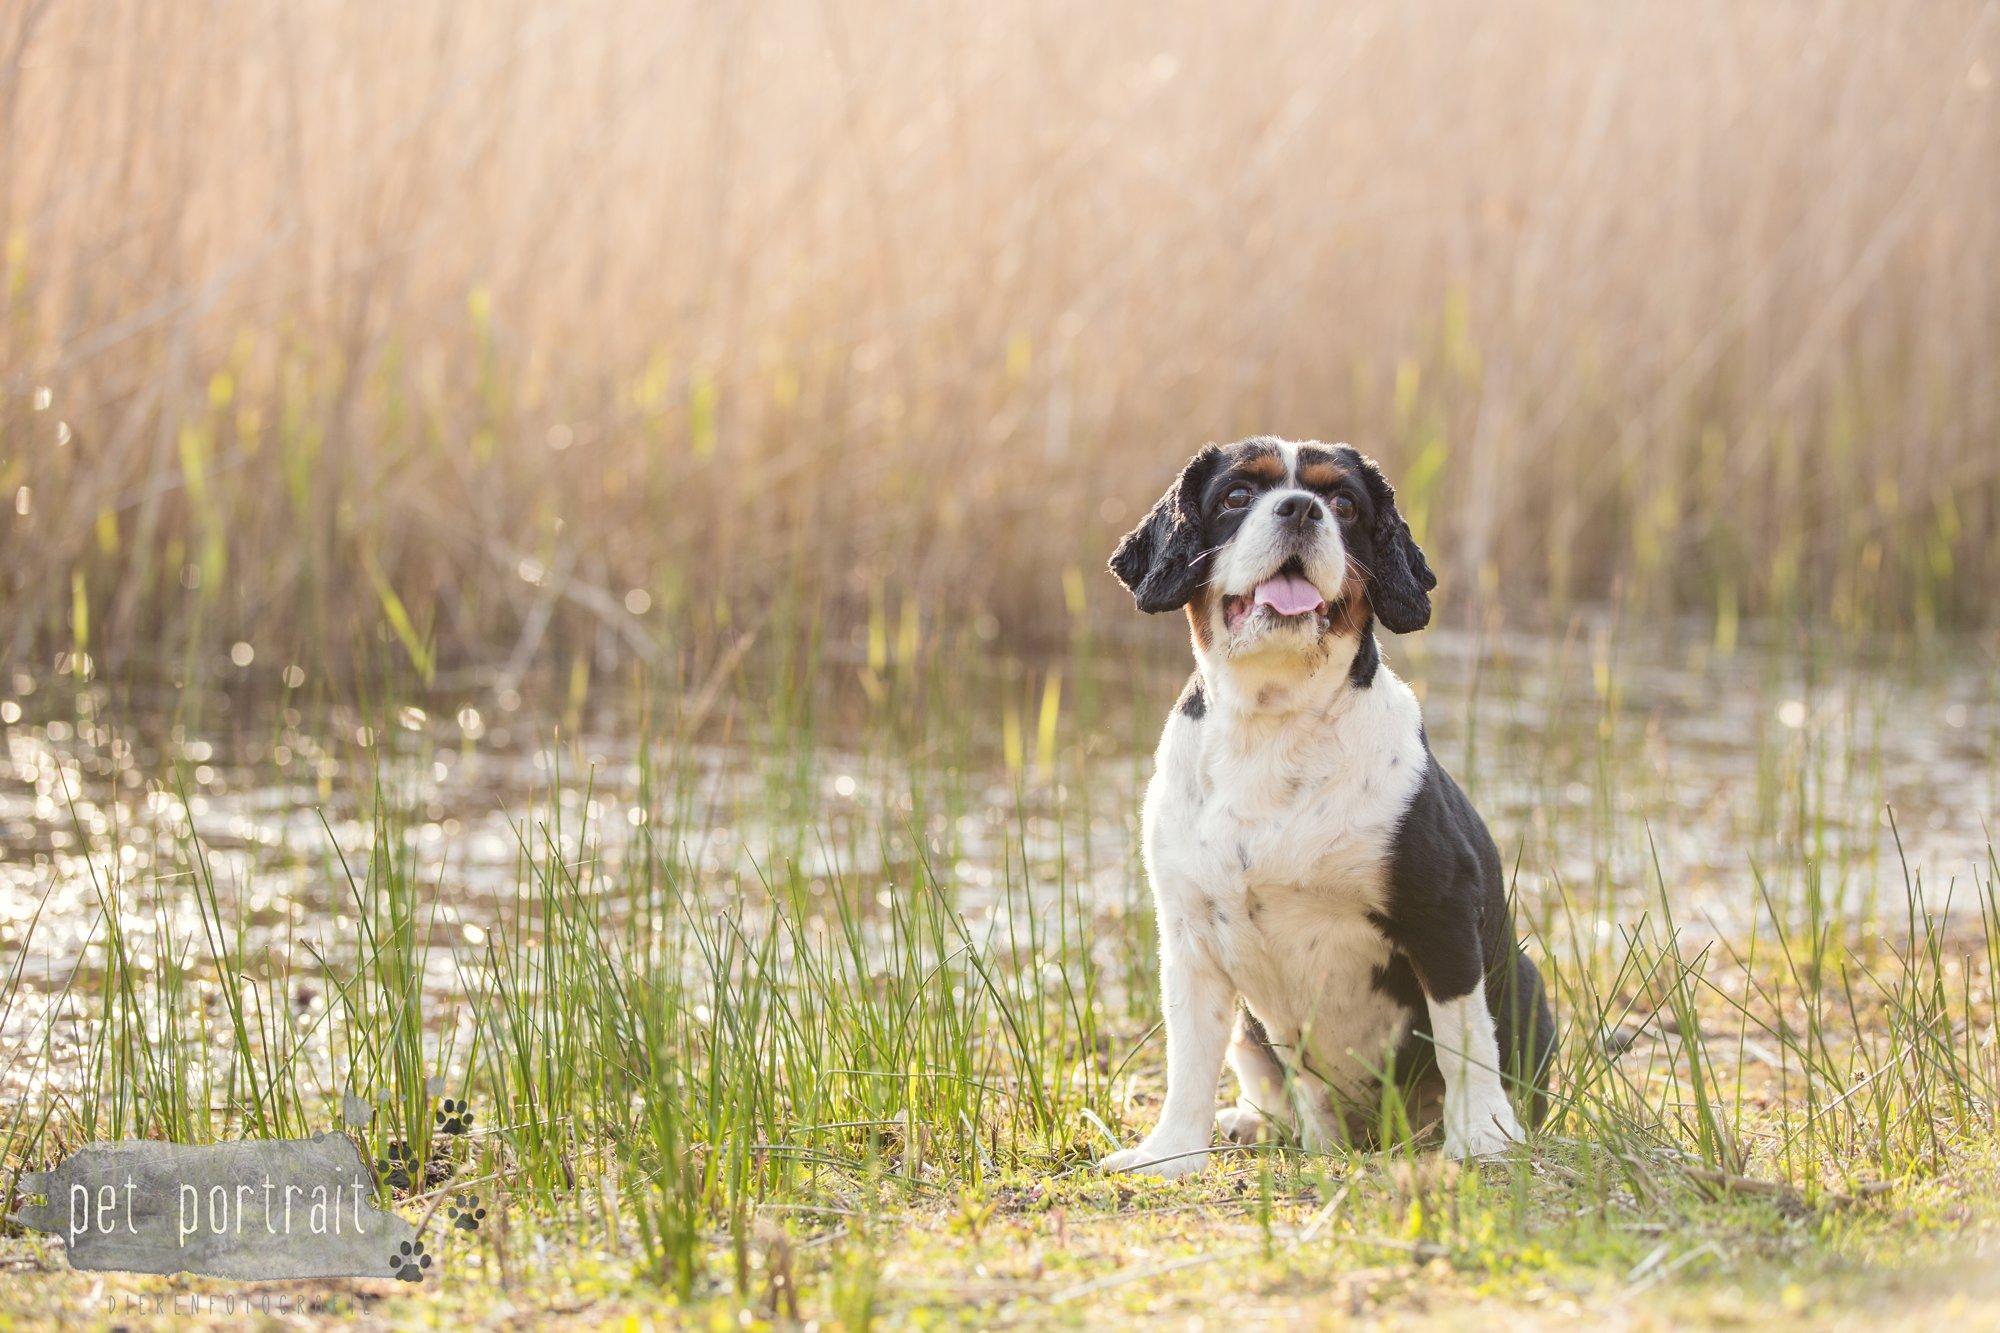 Hondenfotograaf Wassenaar - Cavalier King Charles Spaniel Pepper-7